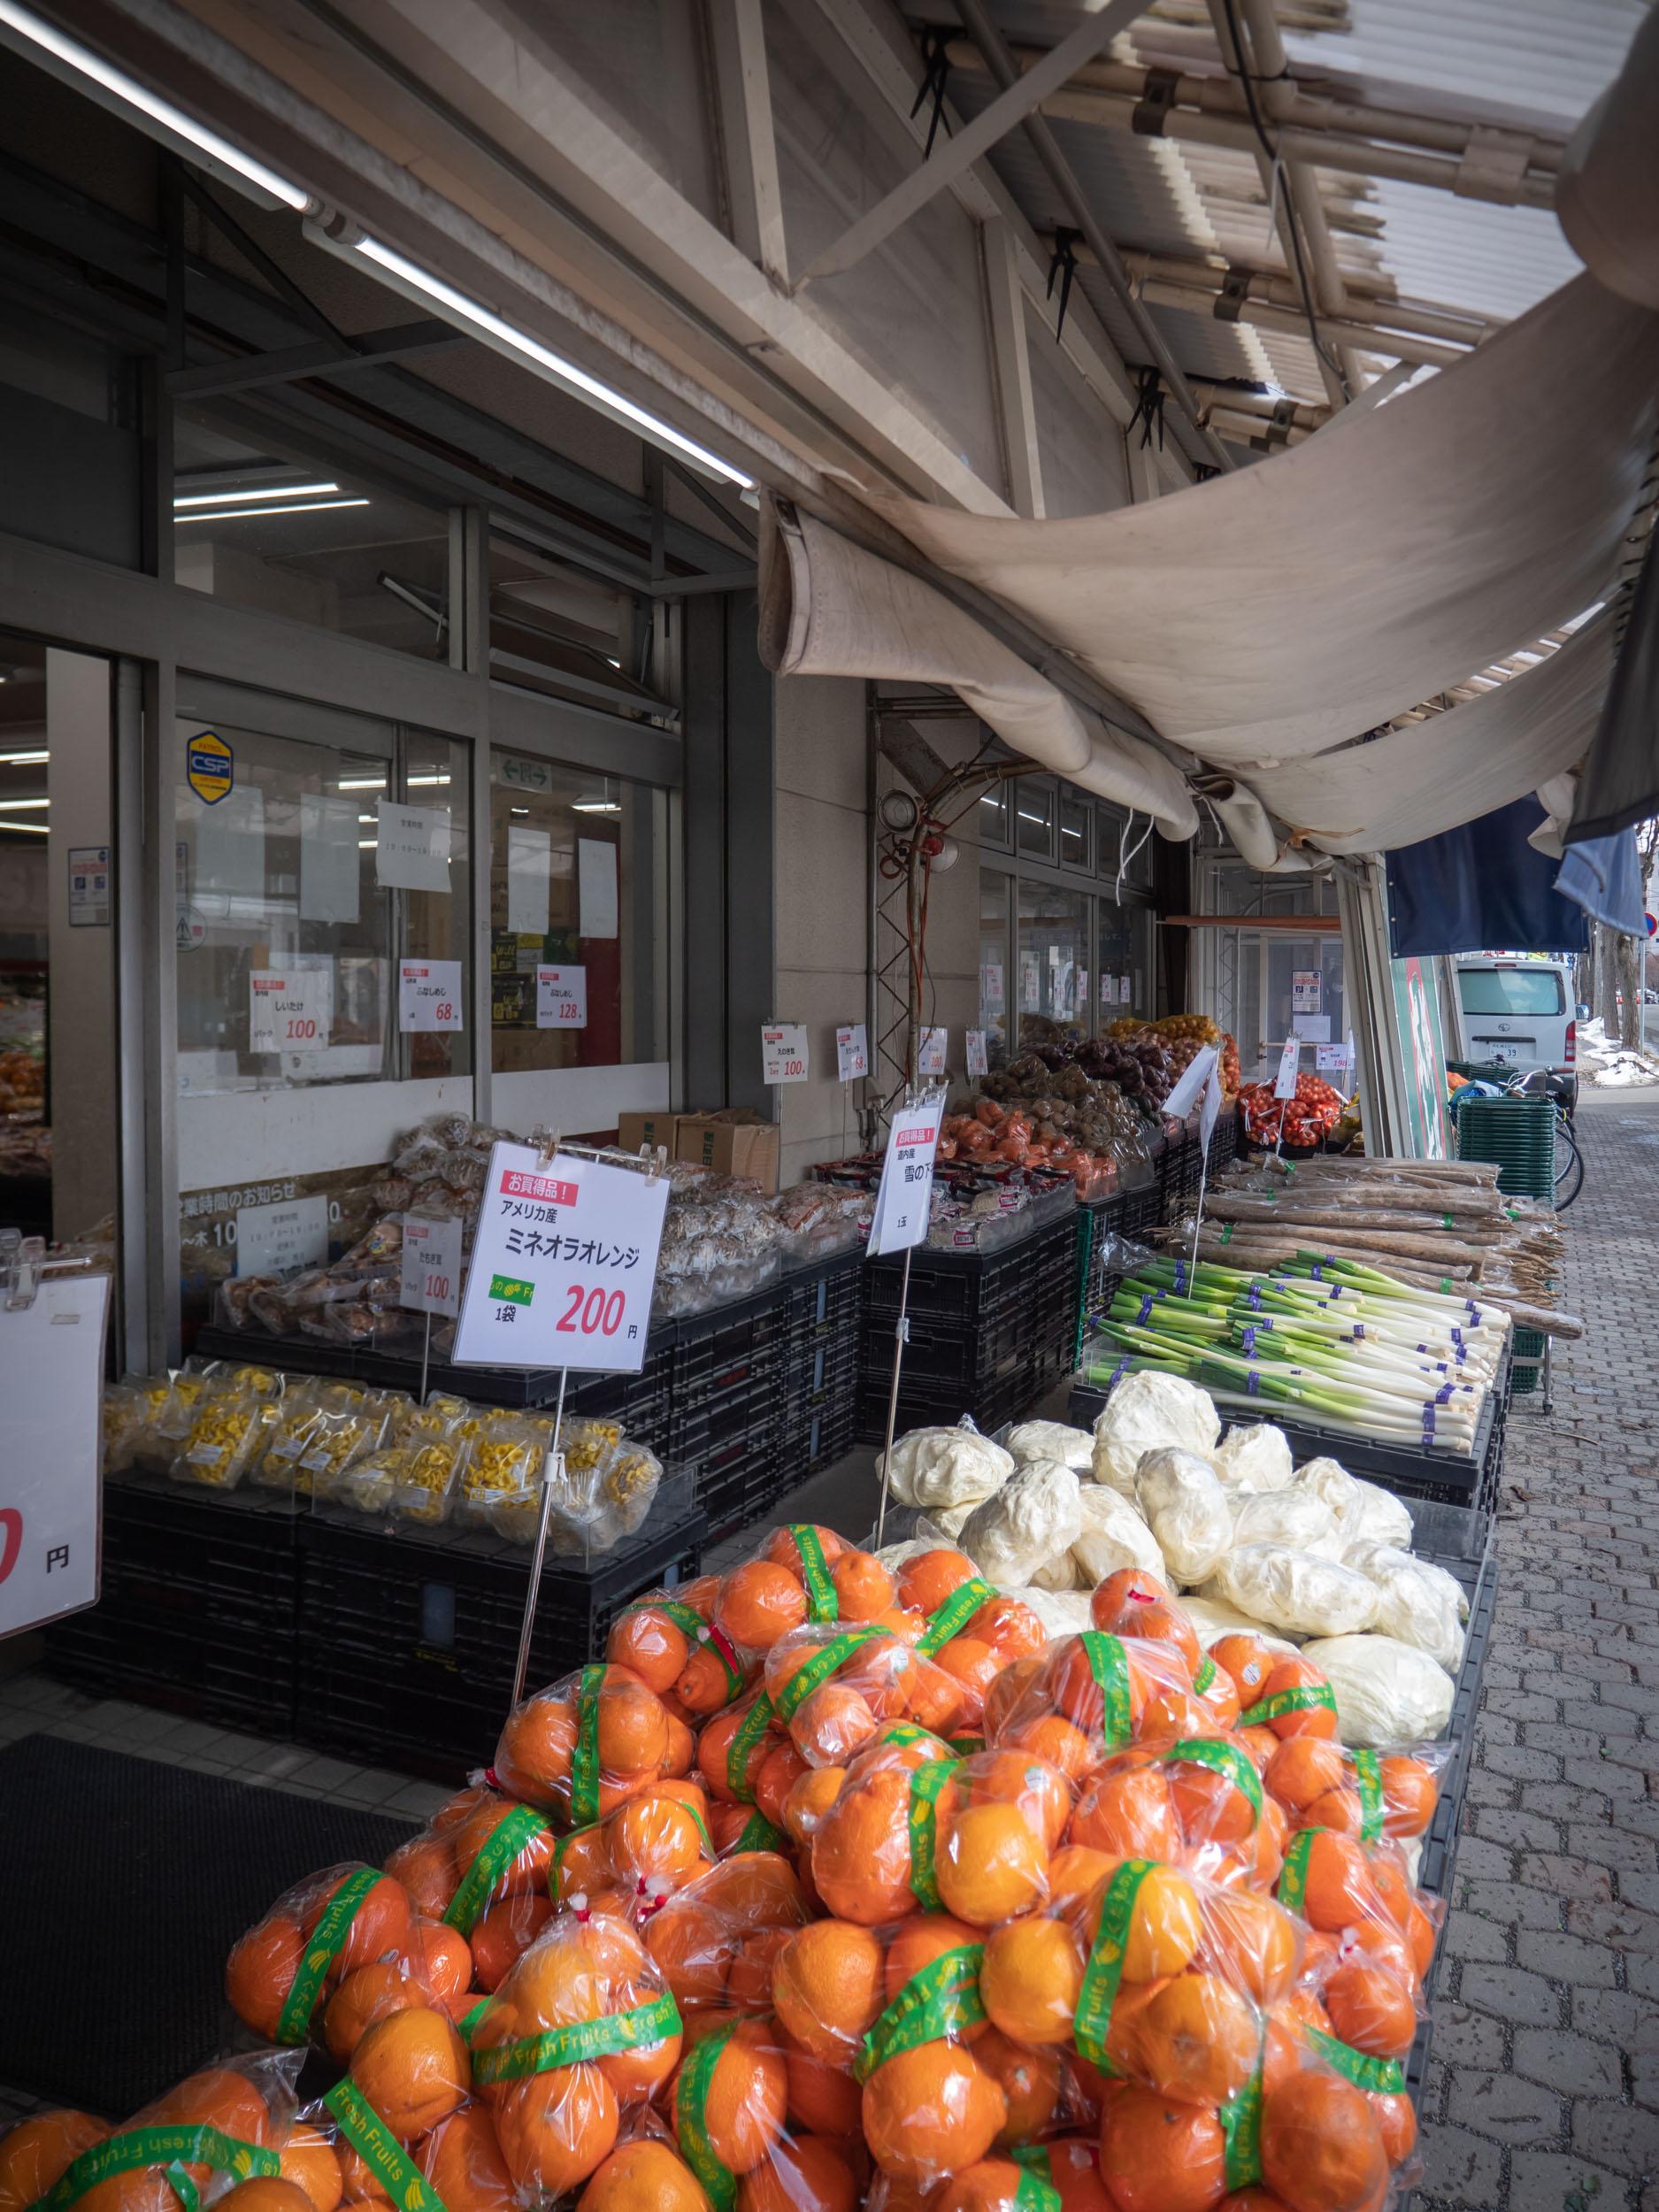 深澤青果 本郷市場店の店頭販売コーナーに並ぶ果物や野菜 DMC-GX8 + LEICA DG 12-60mm